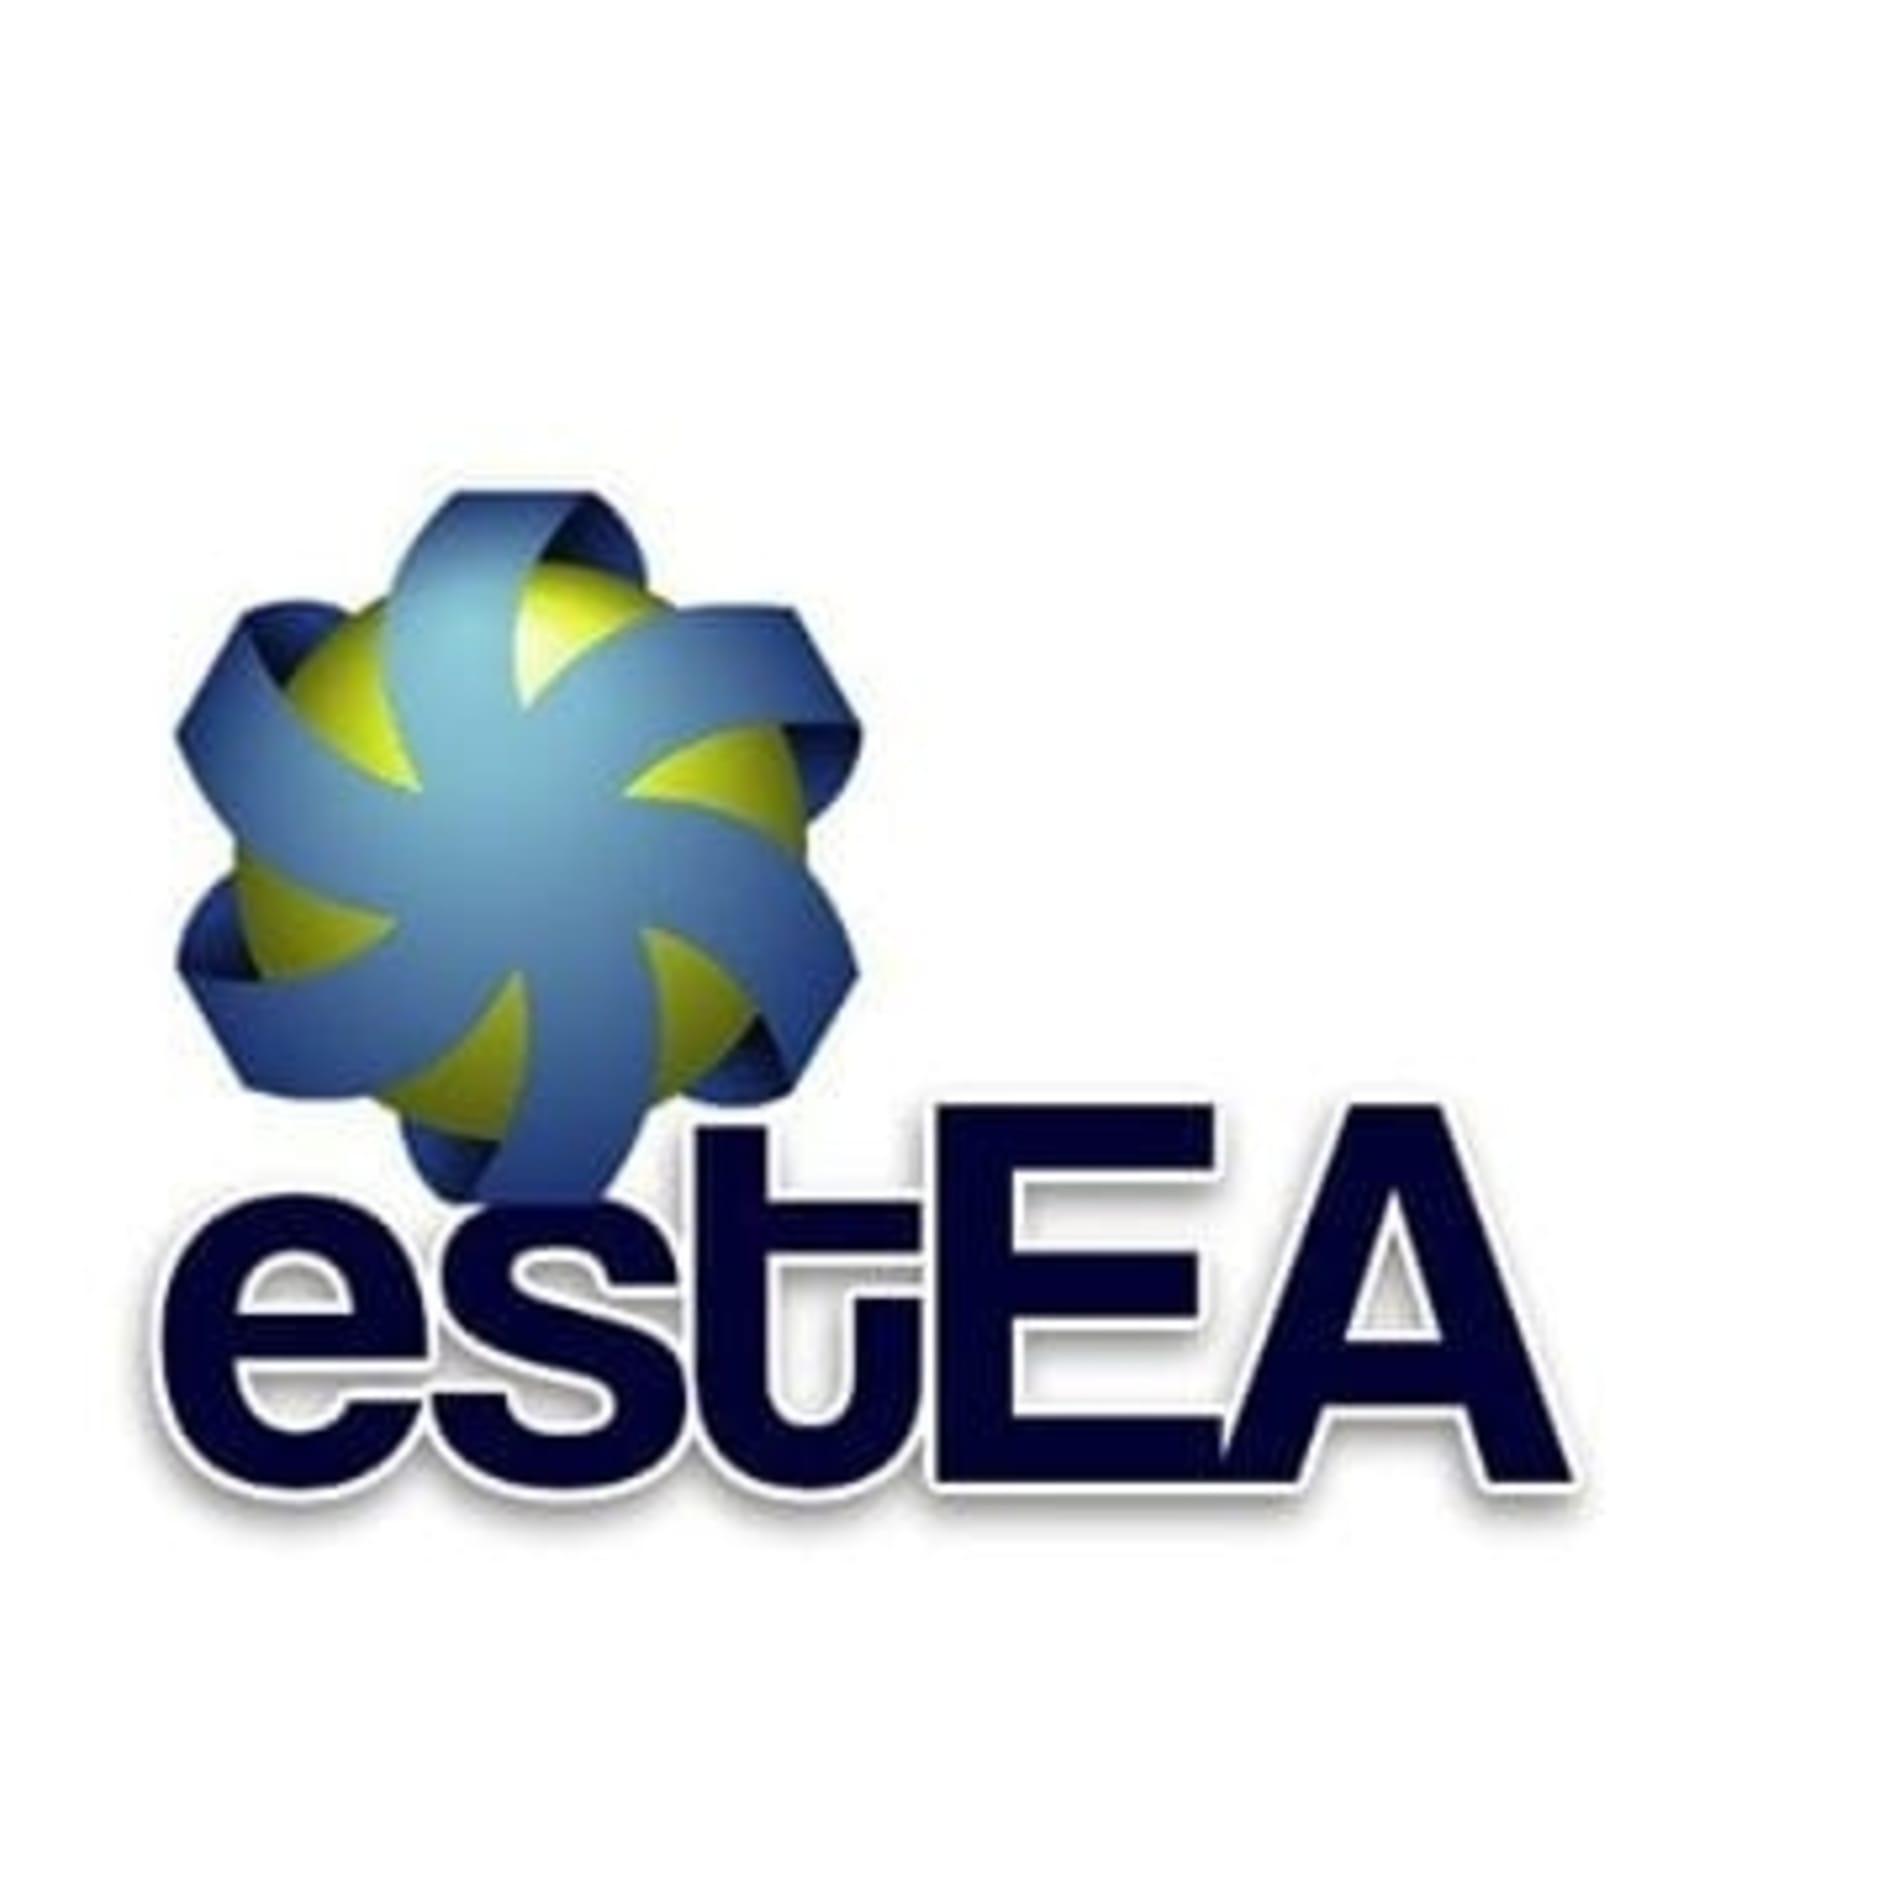 estEA